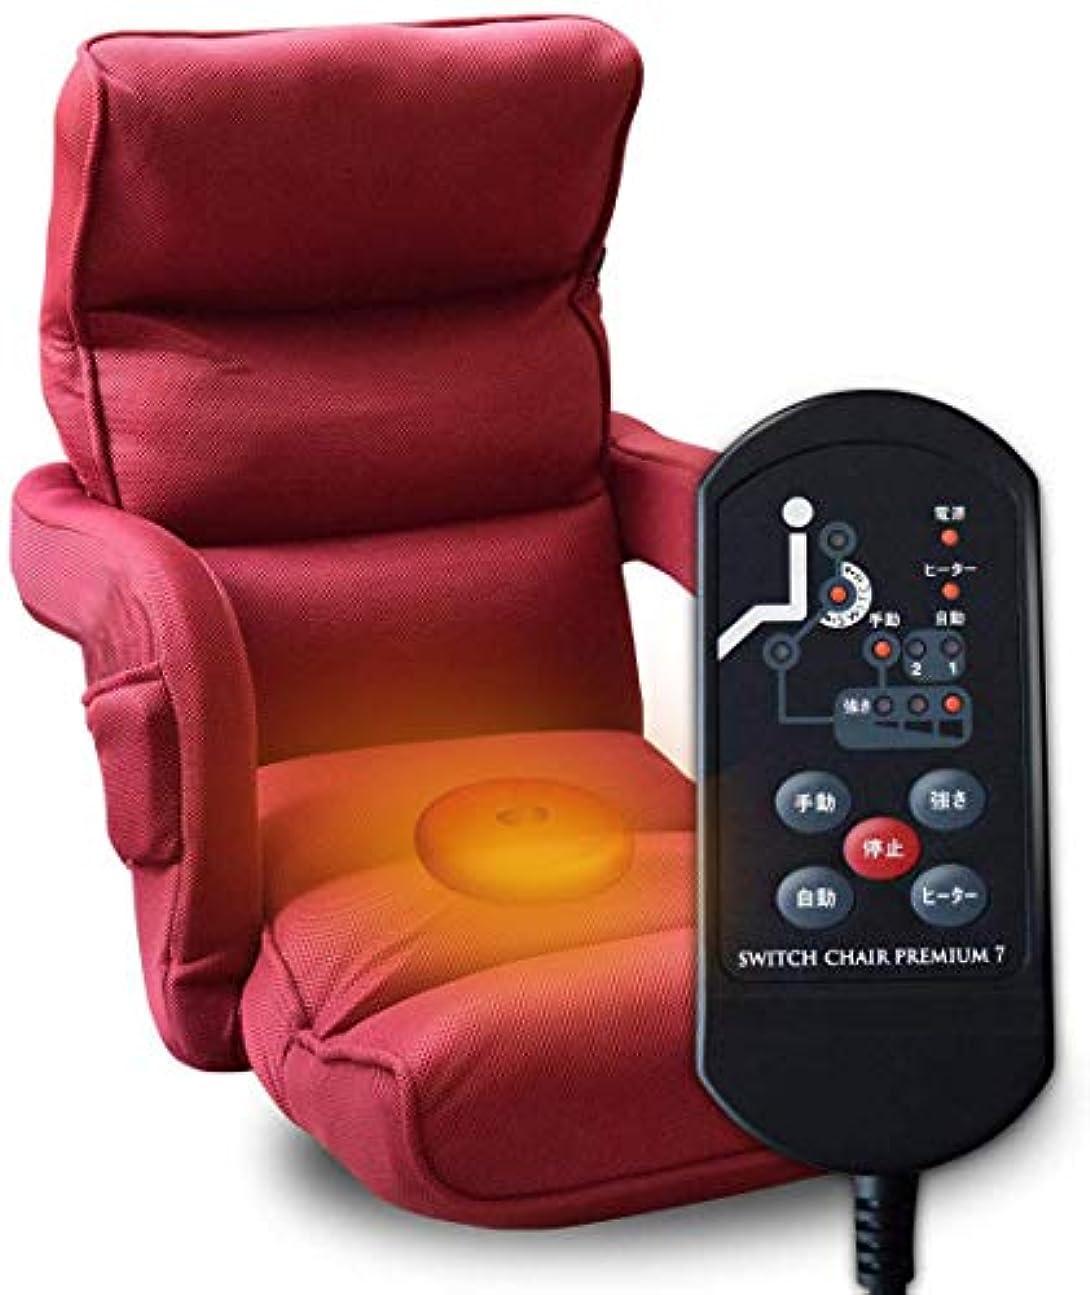 パッチロールスペクトラムSWITCH CHAIR PREMIUM 7 マッサージ器 マッサージ機 肘掛け付き座椅子 マッサージ ヒーター 首 肩 腰 肩こり 背中 マッサージチェア ビクトリアンローズ